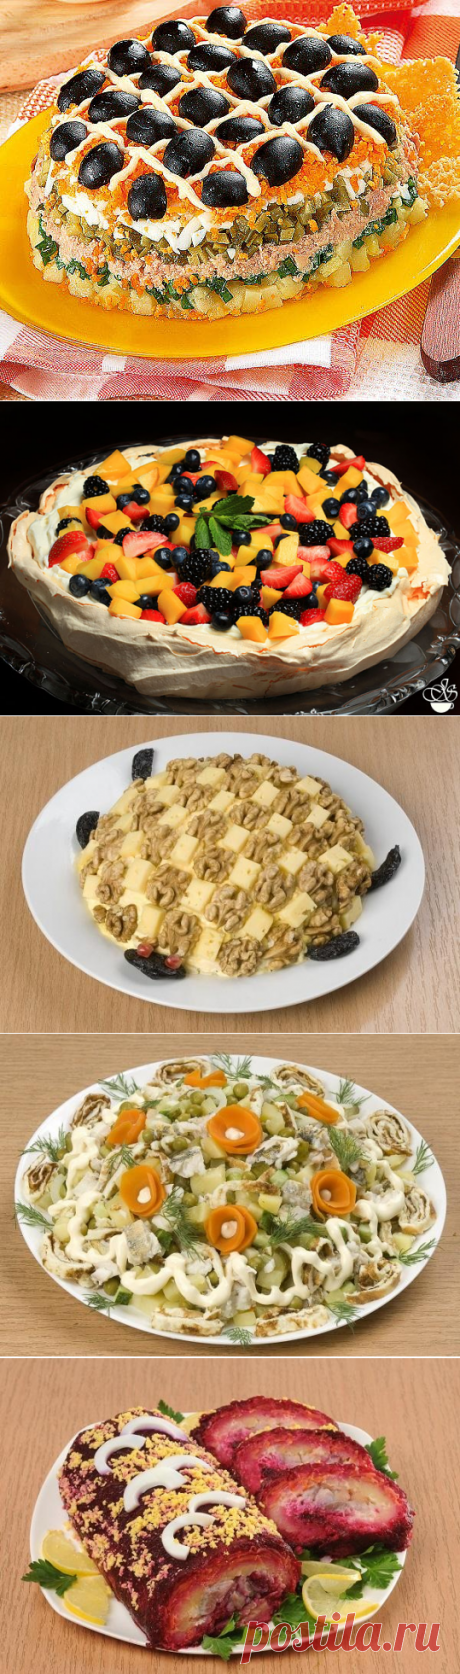 7 самых популярных новогодних салатов